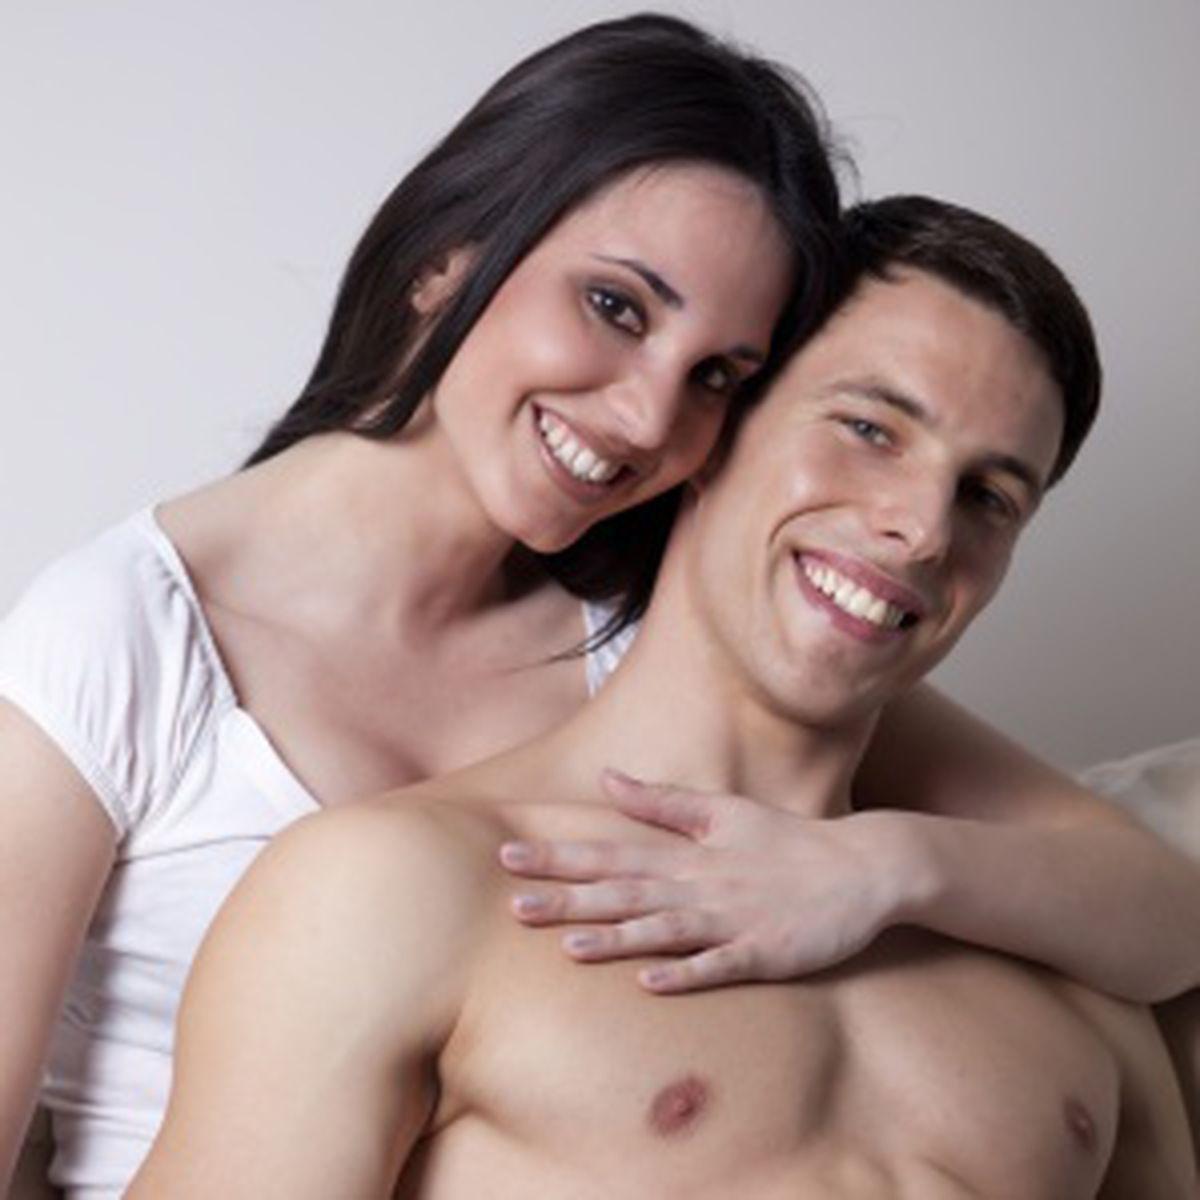 în timpul unei erecții, penisul cade cum să restabiliți o erecție anterioară